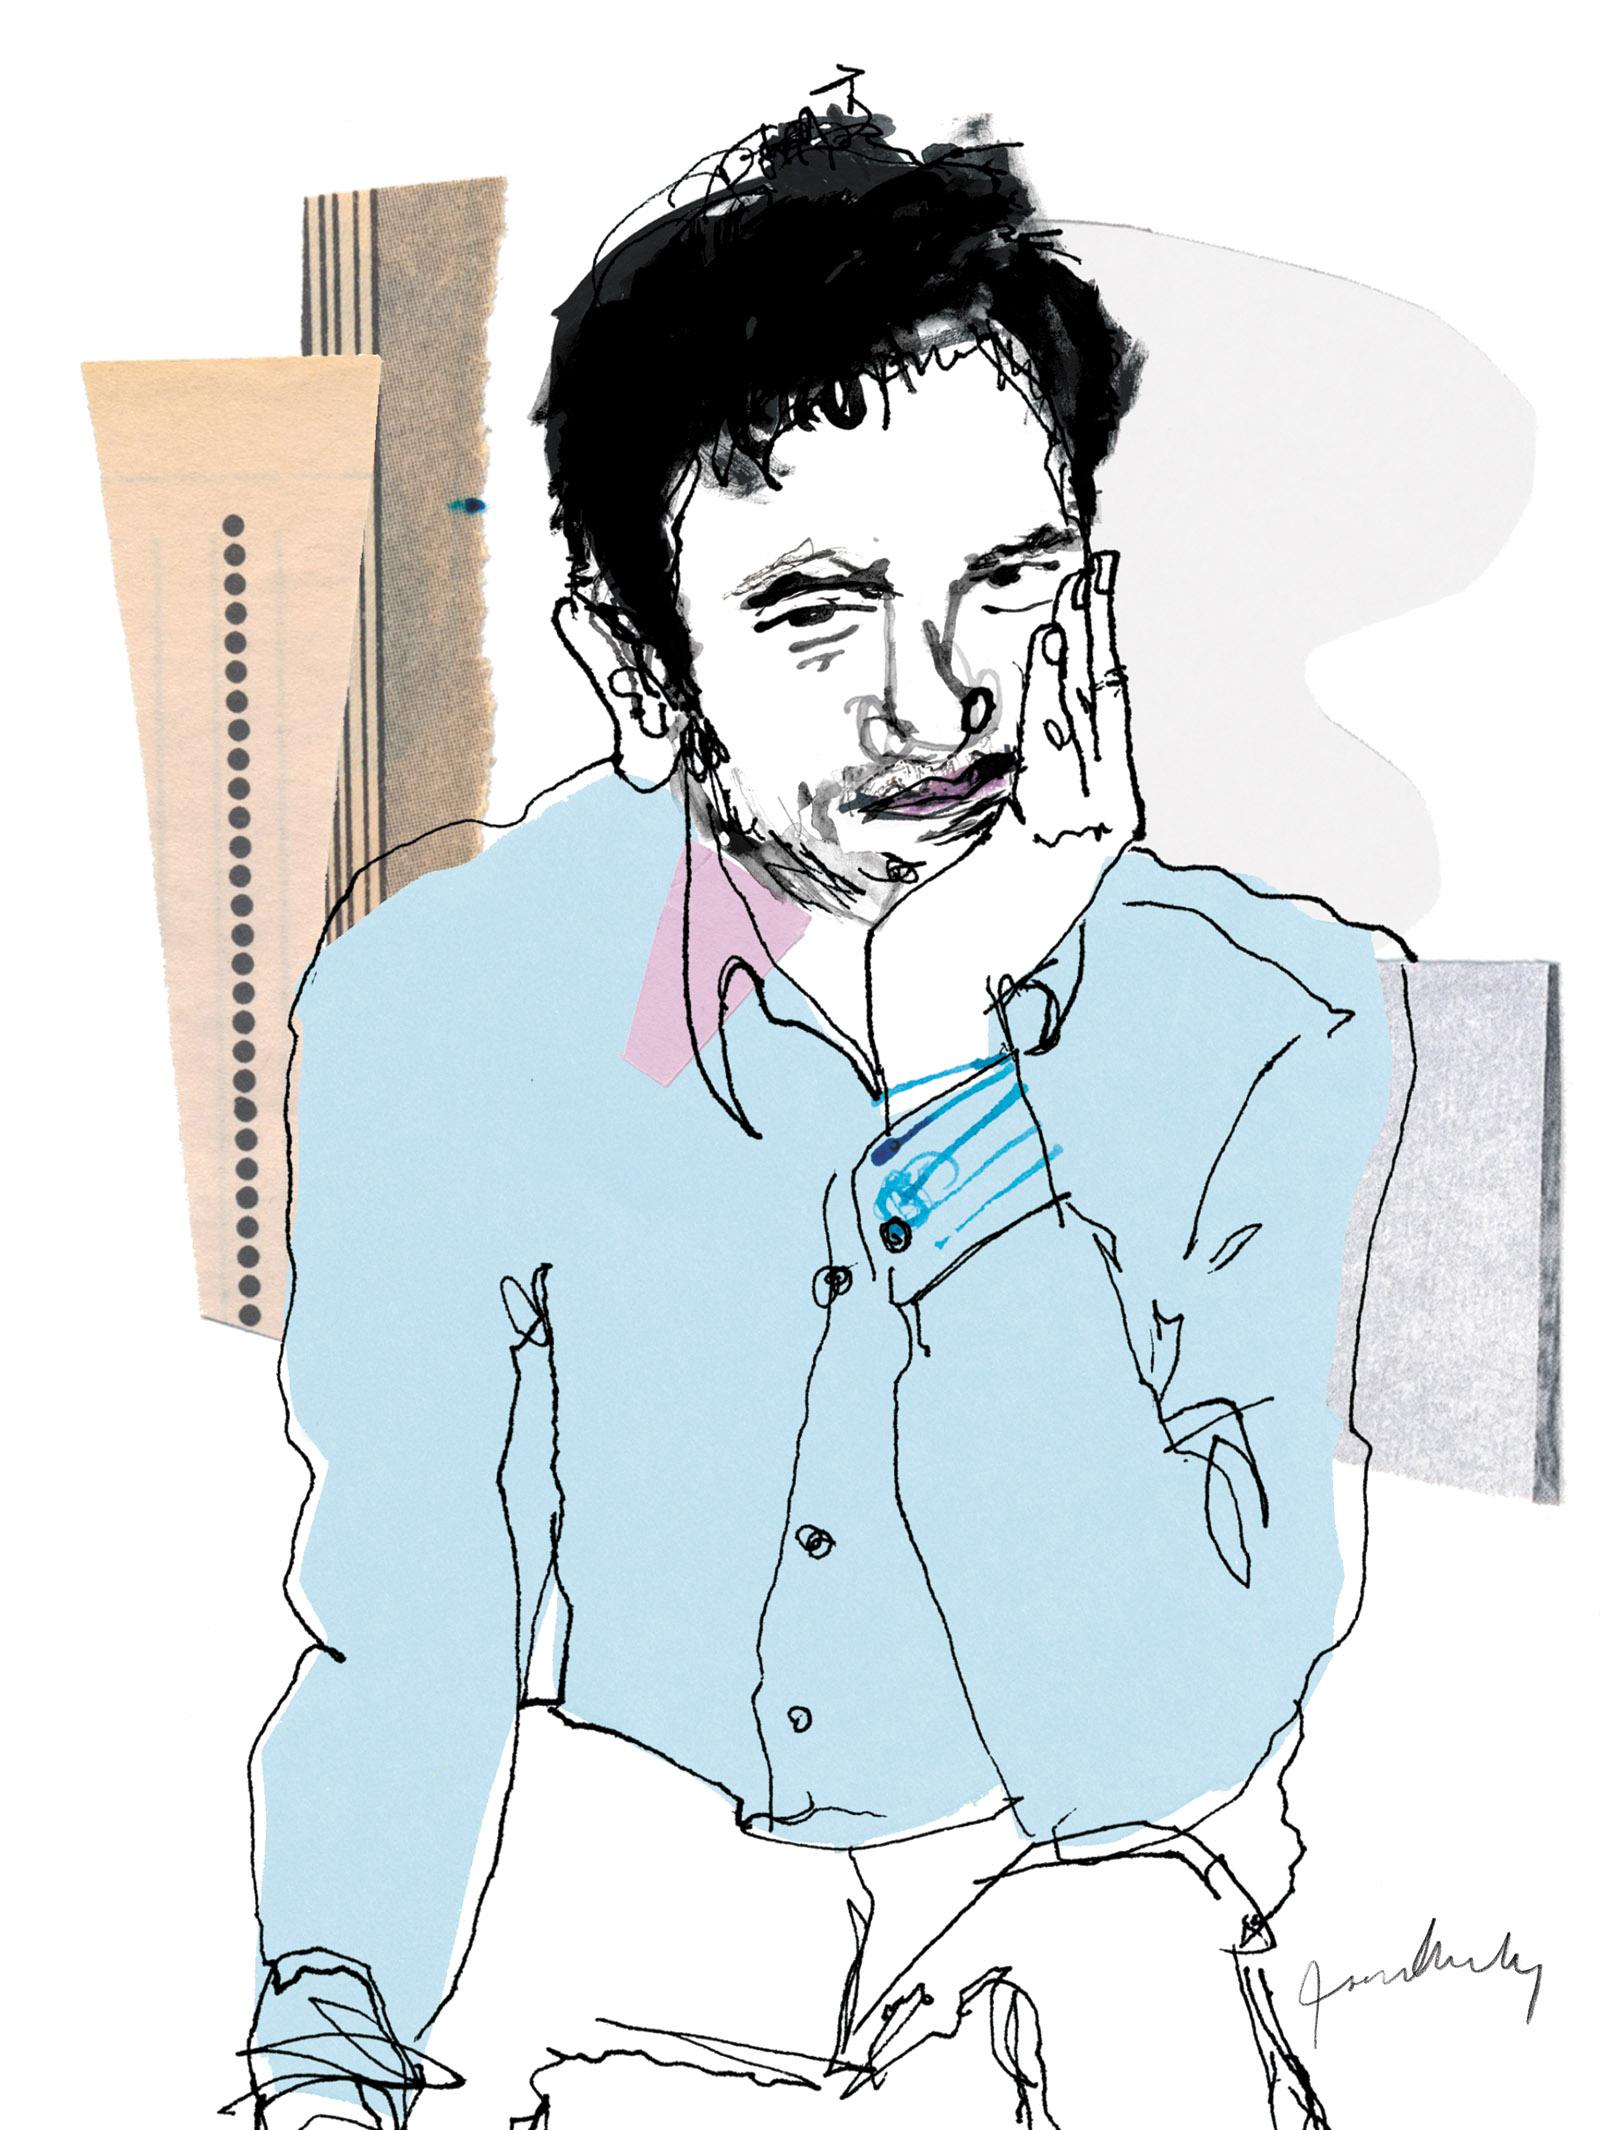 Alejandro Zambra; illustration by Joanna Neborsky